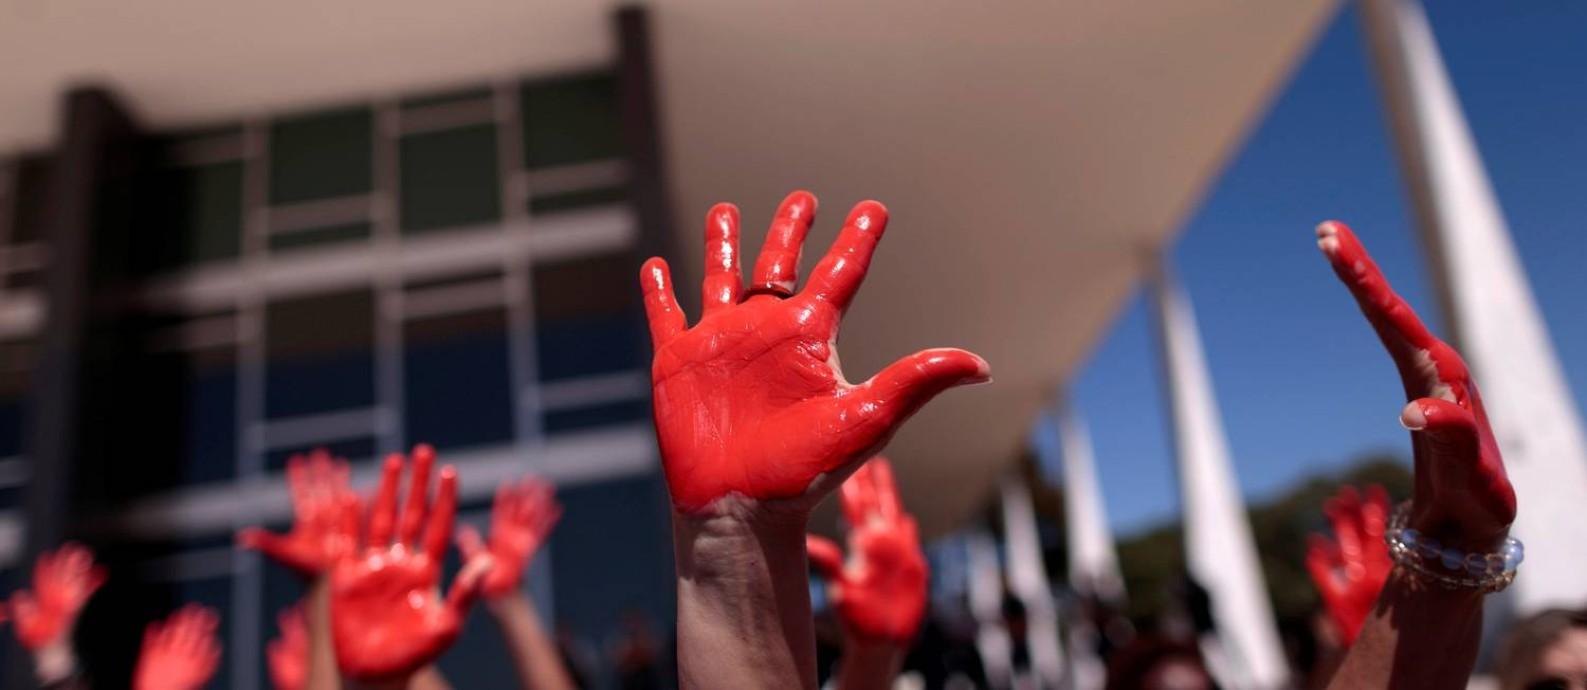 Protesto em Brasília contra violência direcionada à mulher: números de feminicídio ainda causam dificuldade para compilação no país, segundo ONG Foto: Ueslei Marcelino / Agência O Globo